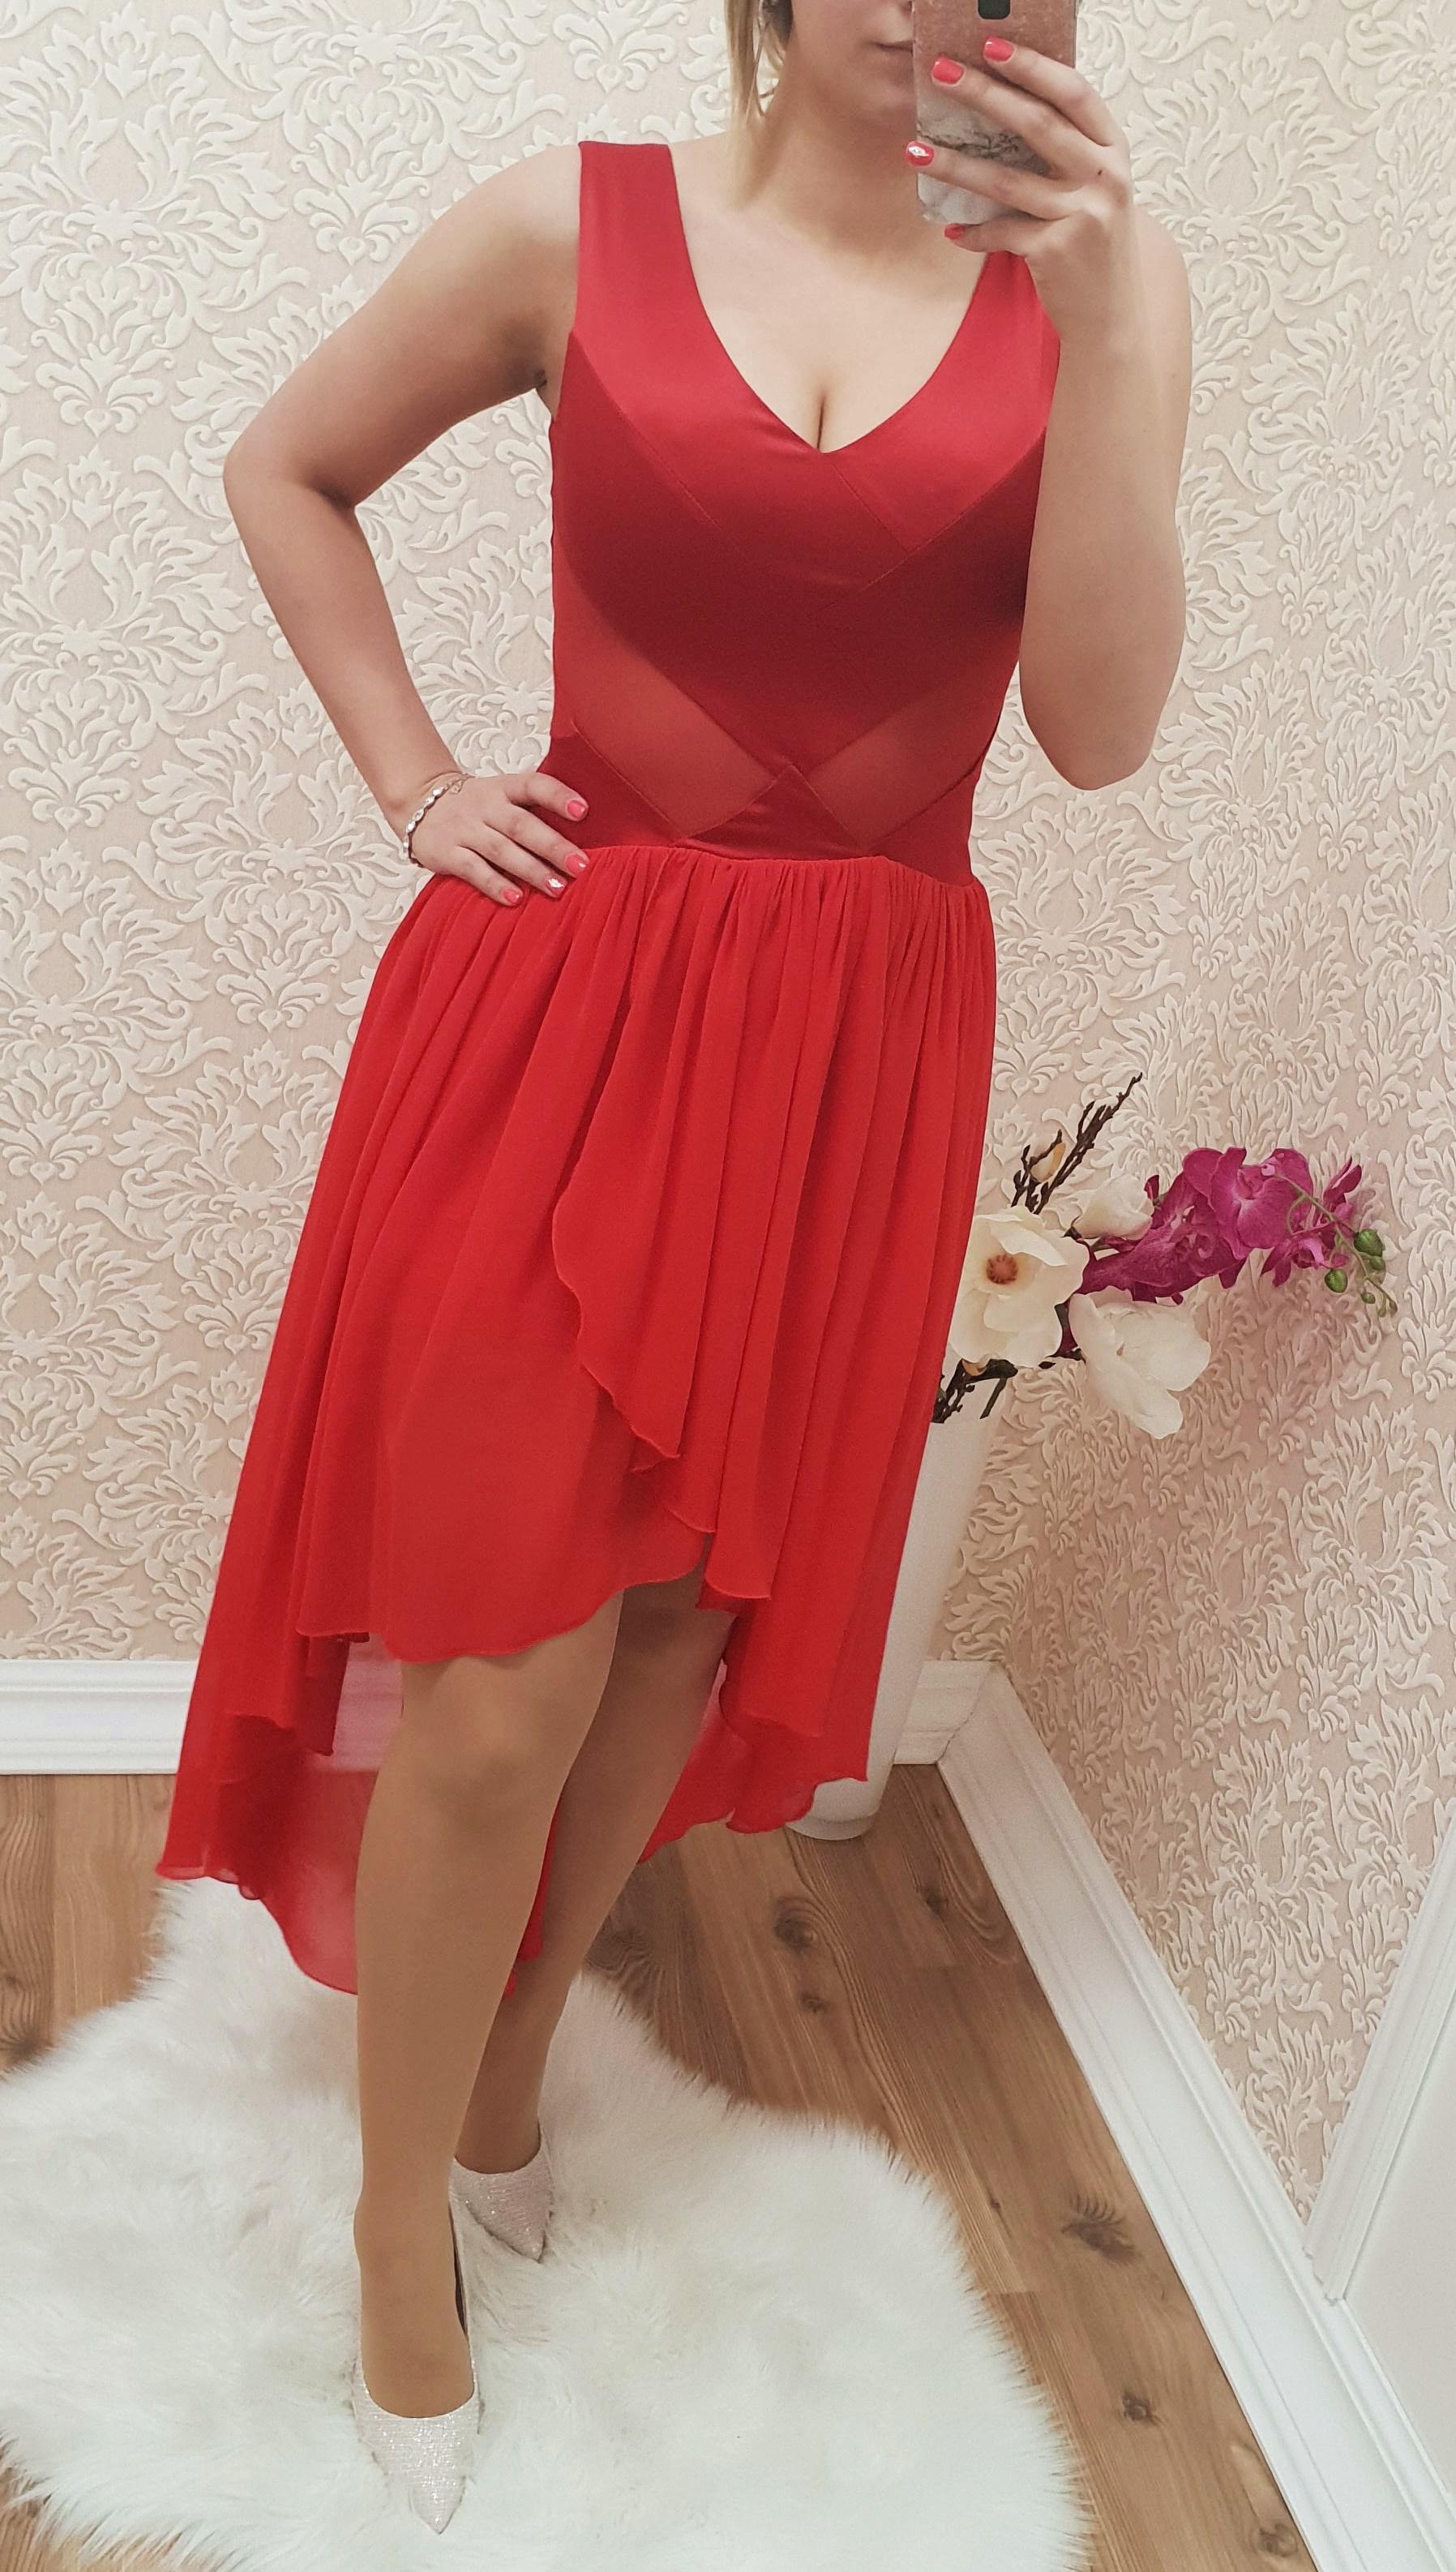 c8a1f95413 Aszimmetrikus piros tüllös ruha - Ruha - Luna Gardrobe Női ruha WebÁruház,  Akciós - olcsó női ruha, Női ruha webshop, Online trendi - divatos ruha